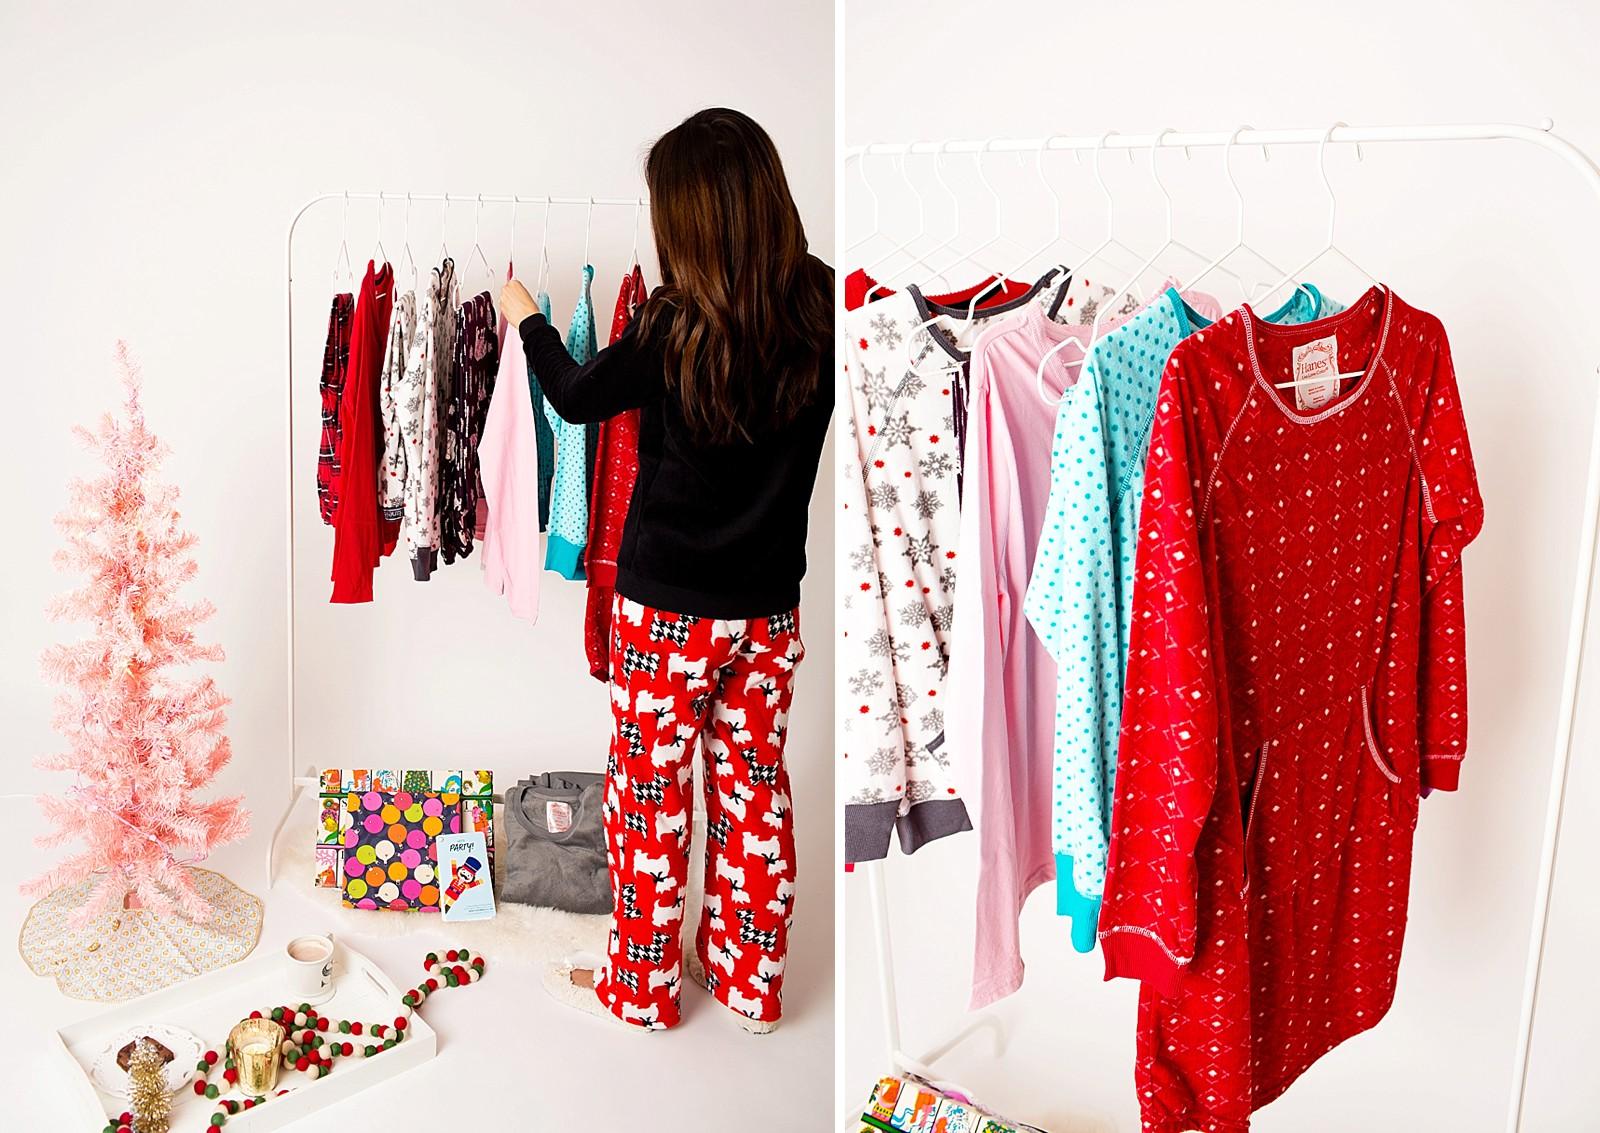 Pajama Party Time Diana Elizabeth